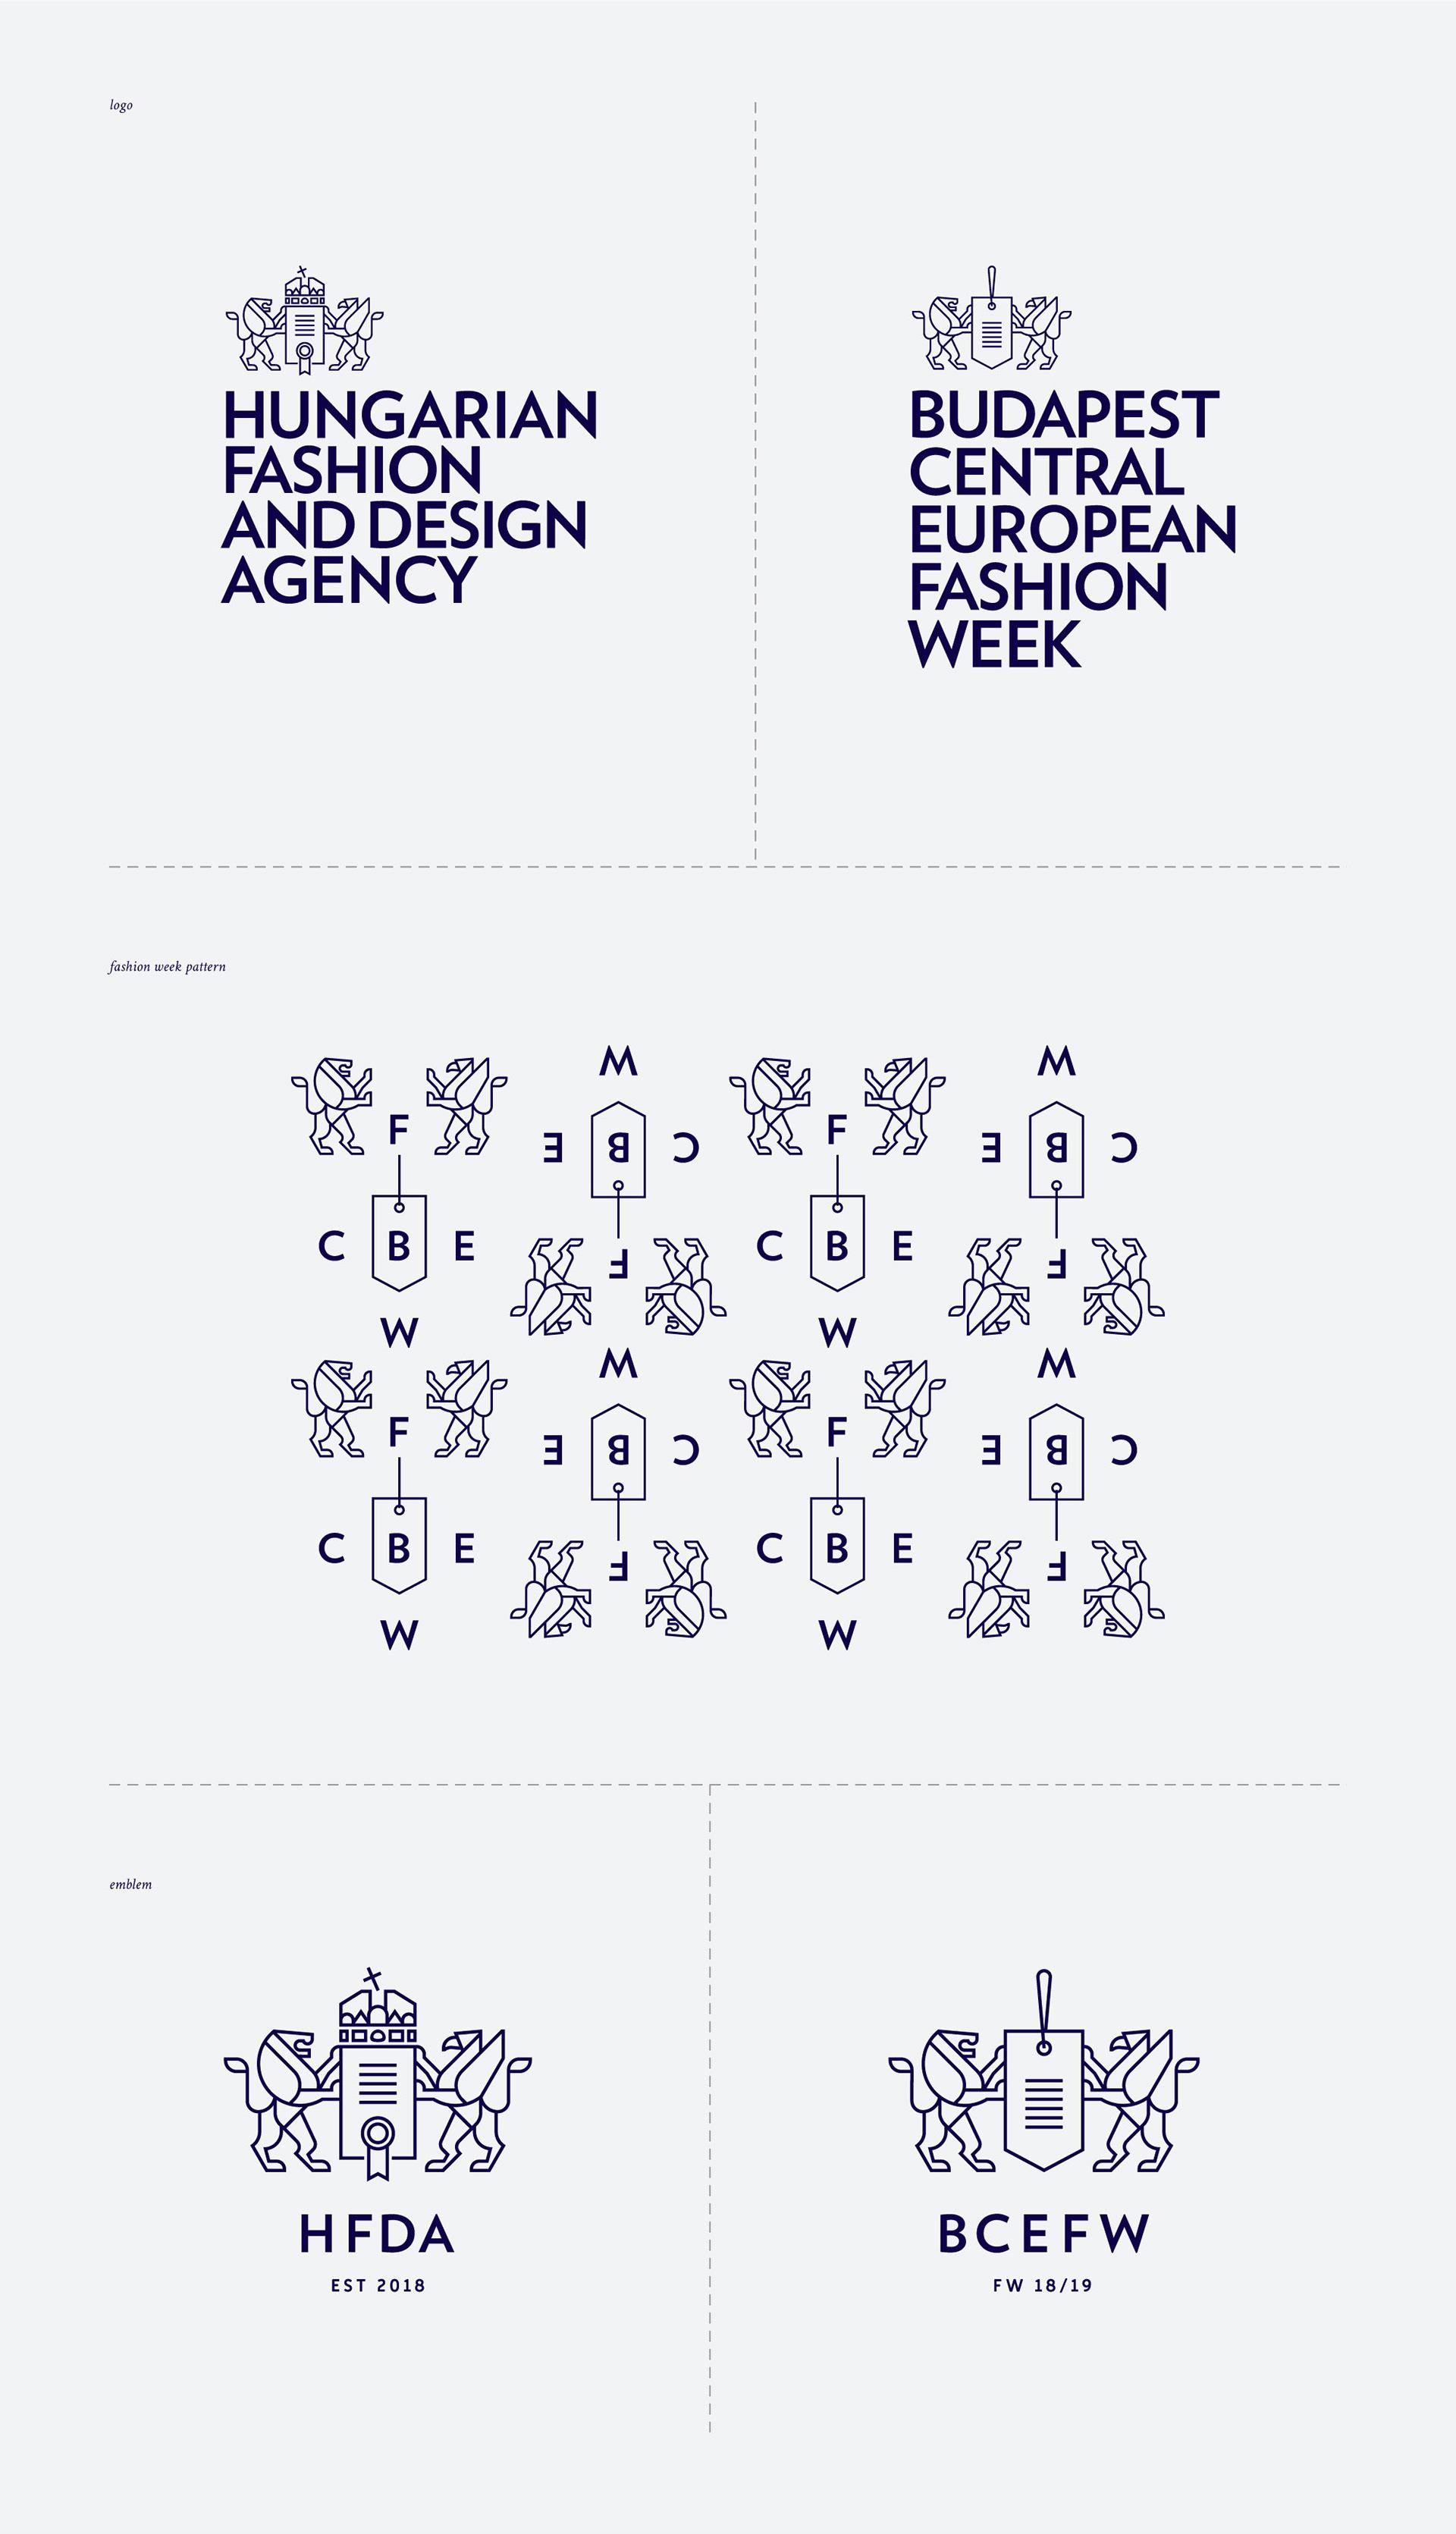 5 Projets de Branding, d'Identité ou de Redesign à voir #21